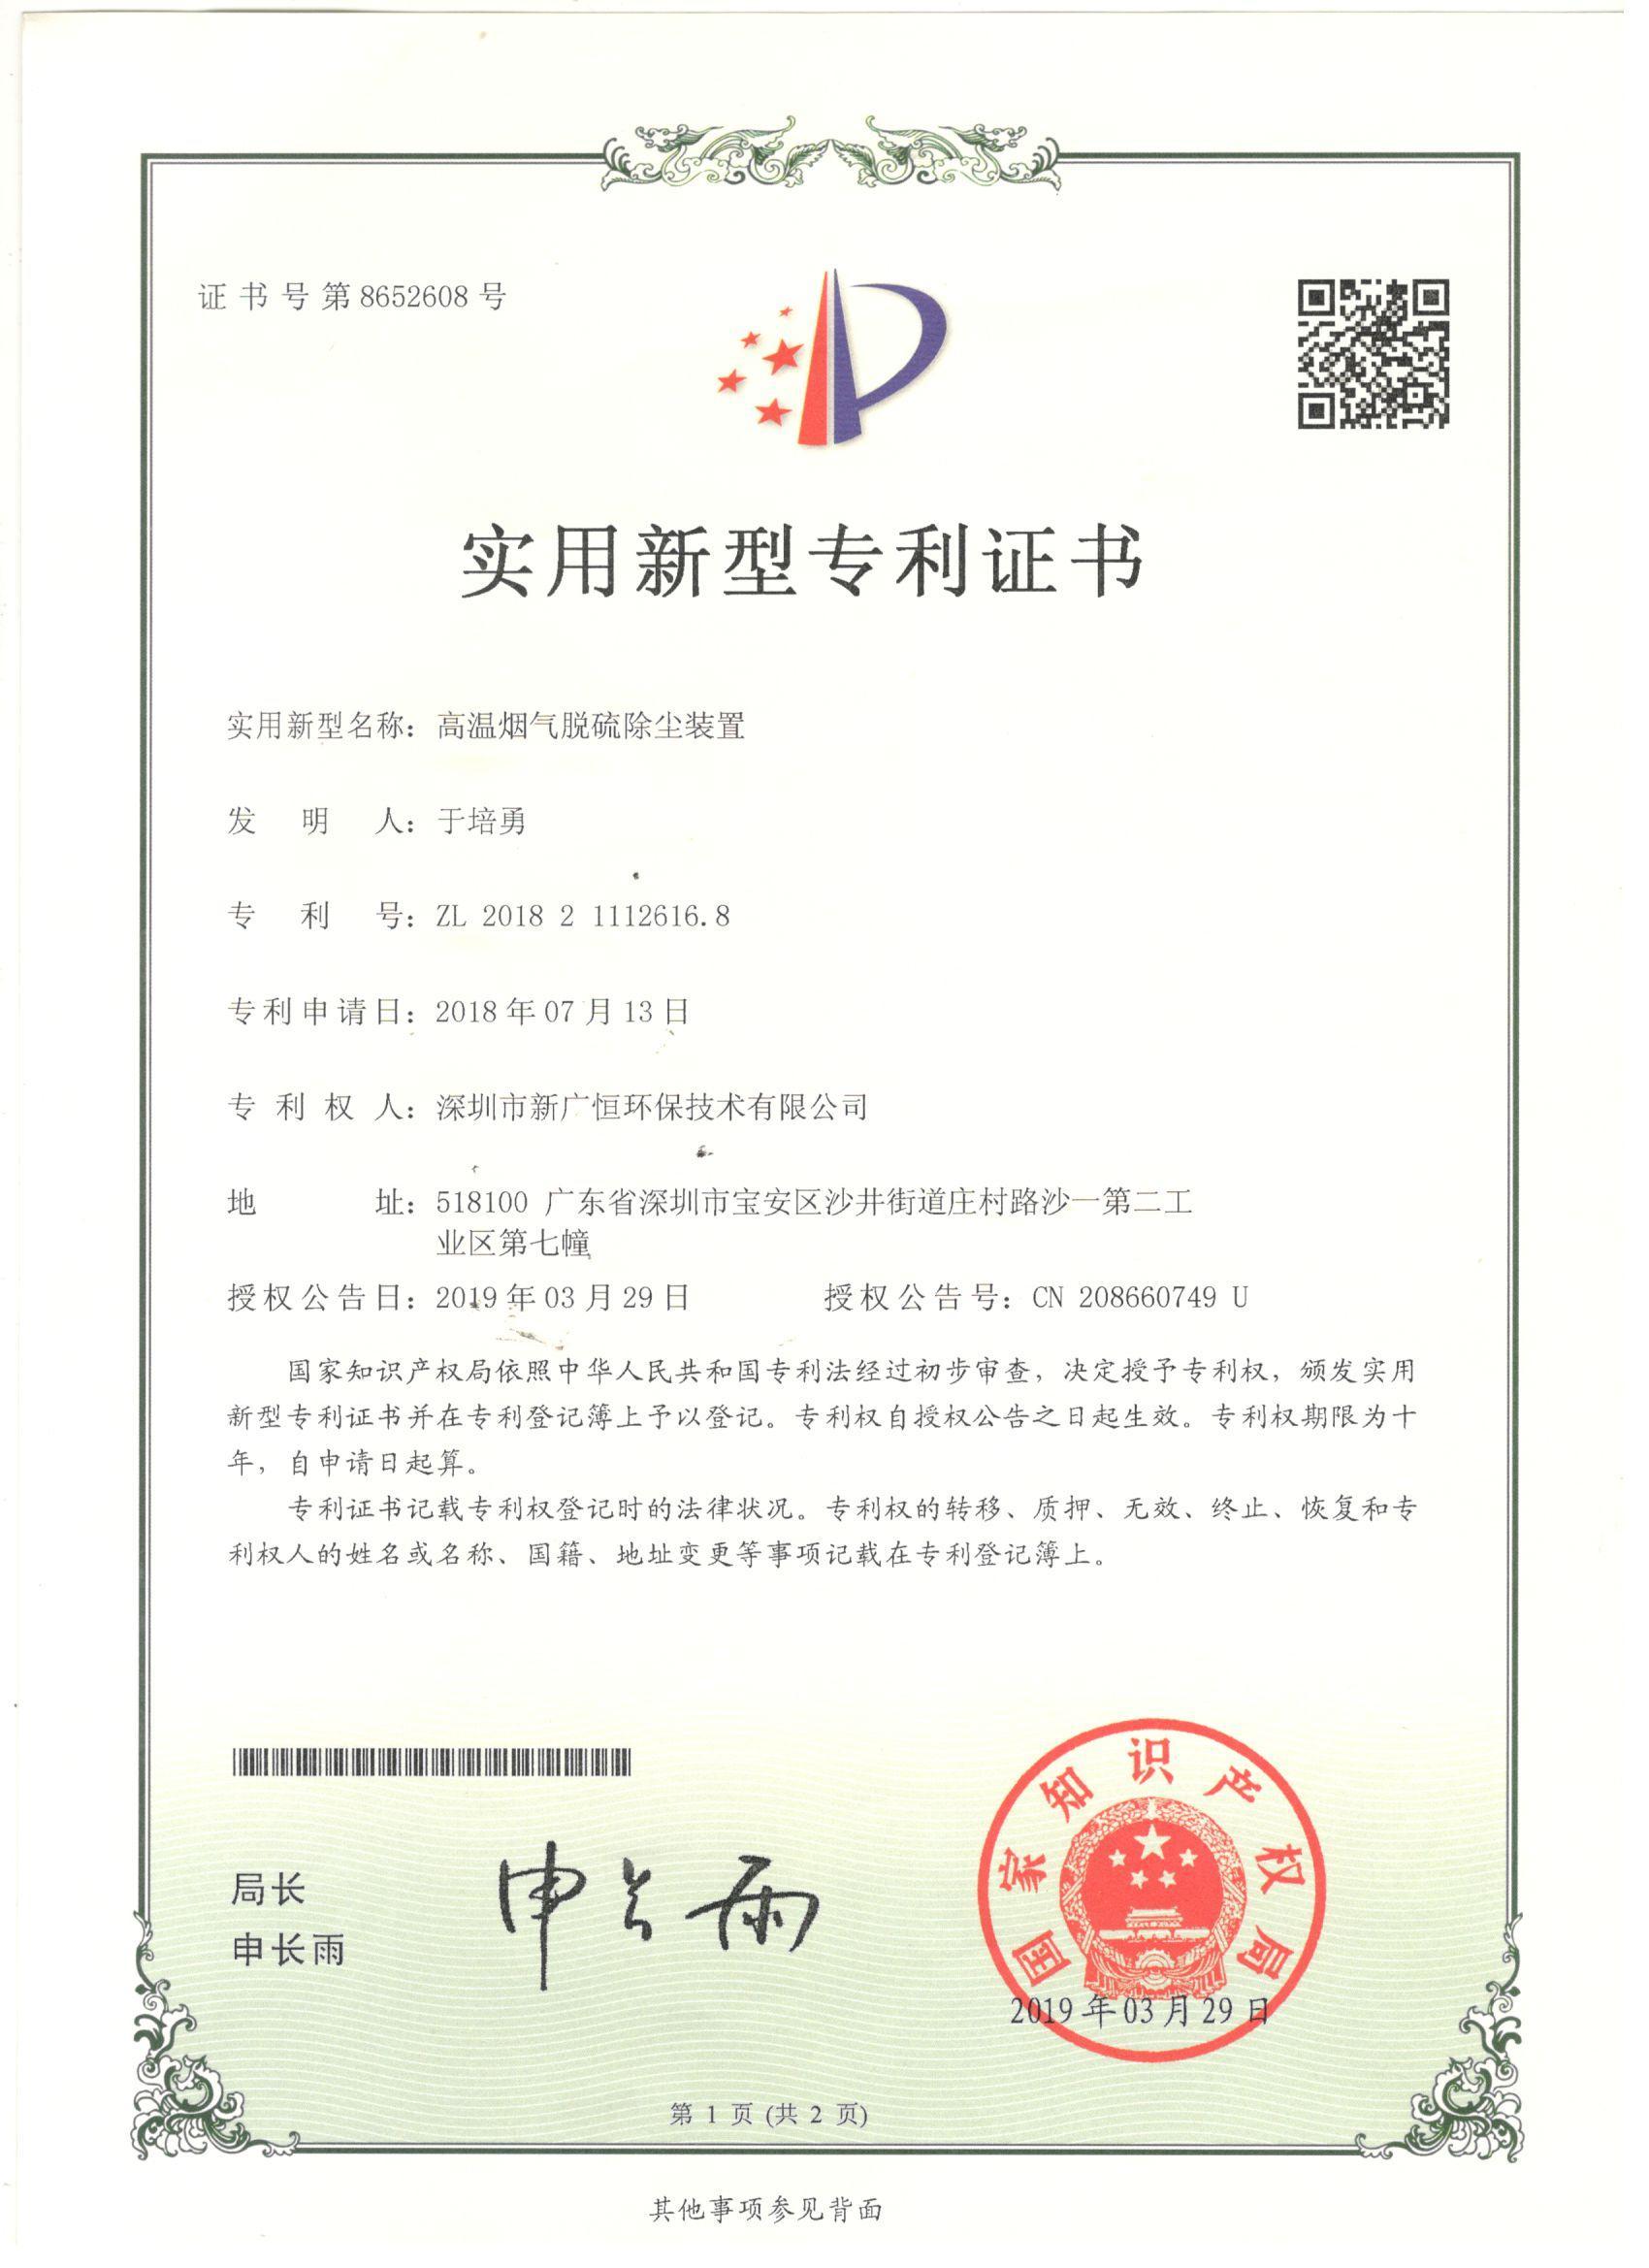 高溫煙氣脫硫除塵裝置實用新型專利證書